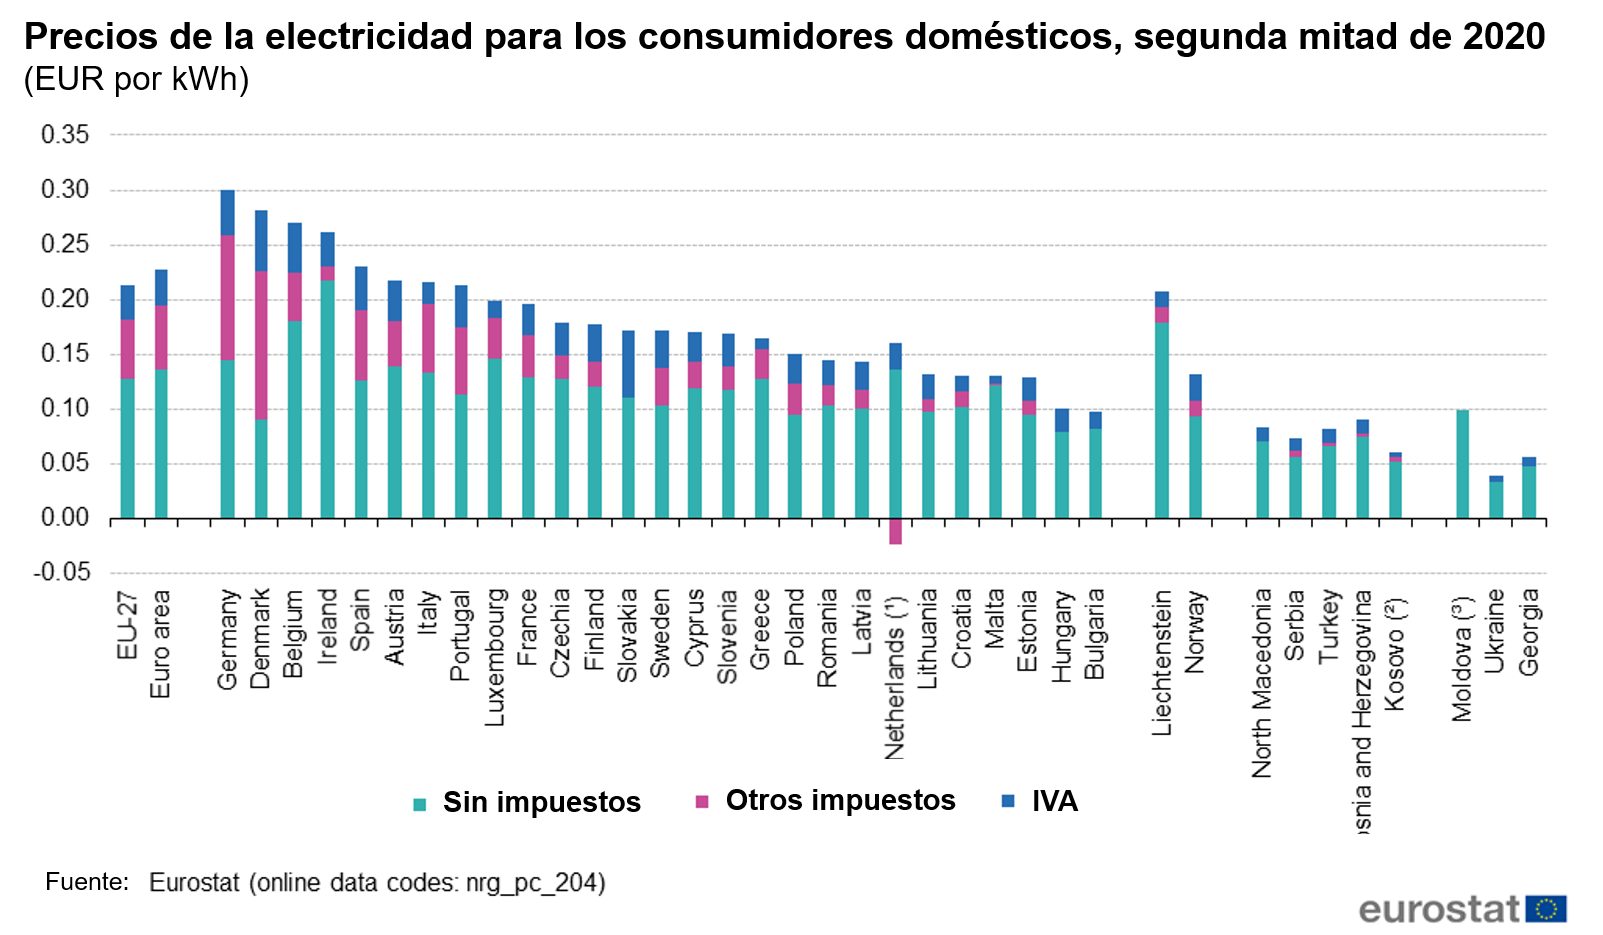 Precios electricidad consumidores domesticos 2020